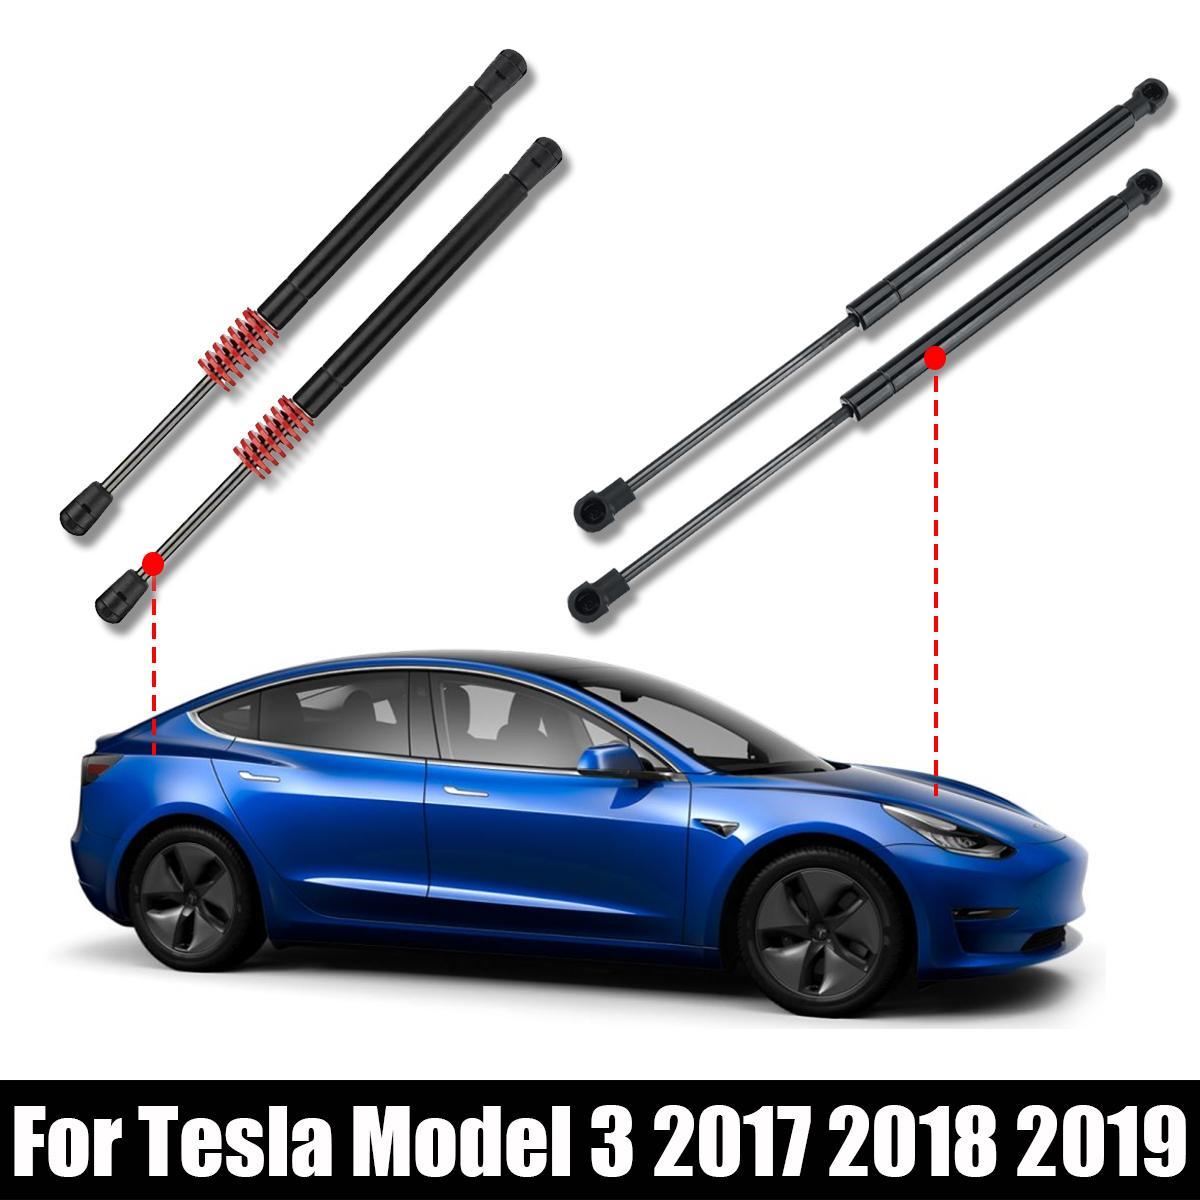 ใหม่ 2X ด้านหน้า/ด้านหลังหางประตู Tailgate Boot Gas สปริงแรงกระแทก Struts สนับสนุนสำหรับ Tesla รุ่น 3 2017 2018 2019